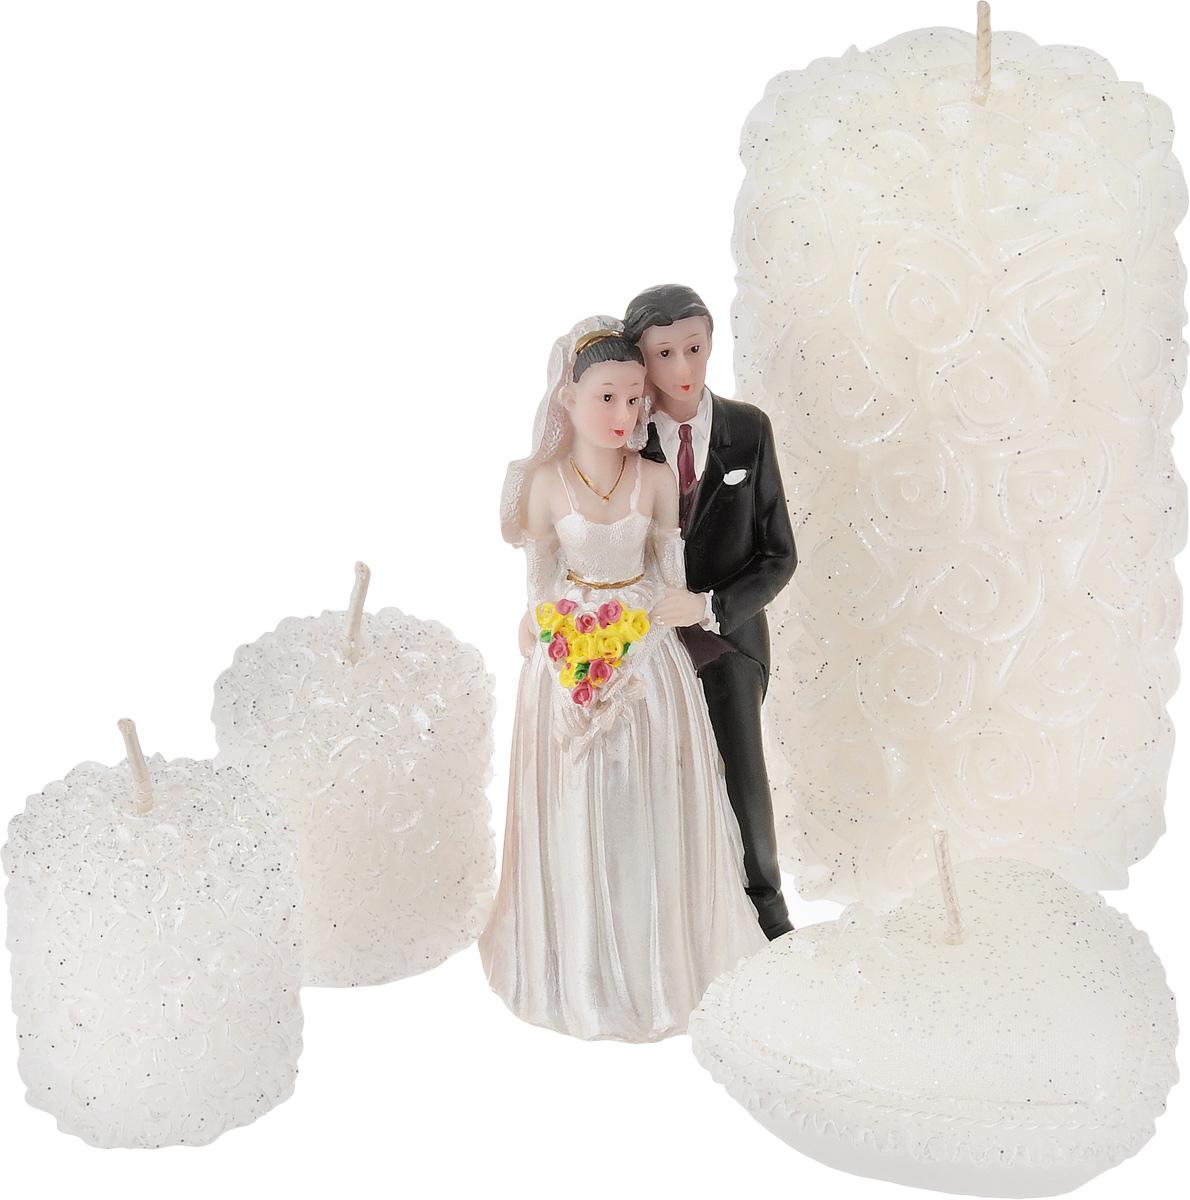 Набор декоративных свечей Win Max Свадебный, 4 шт. 9443574-0120Набор декоративных свечей Win Max Свадебный представляет собой набор из четырех свечей и фигурки жениха и невесты. Набор упакован в красивую коробку и перевязан лентой. Свечи создают атмосферу уюта и романтики. Яркая свеча будет прекрасным дополнением к вашему празднику. Симпатичный сувенир послужит отличным подарком.Размеры свечей:- одна свеча 6 х 6 х 11 см,- одна свеча 6,5 х 6,5 х 2,5 см,- две свечи 3,5 х 3,5 х 4 см,Размер статуэтки: 4,5 х 4,5 х 10 см.